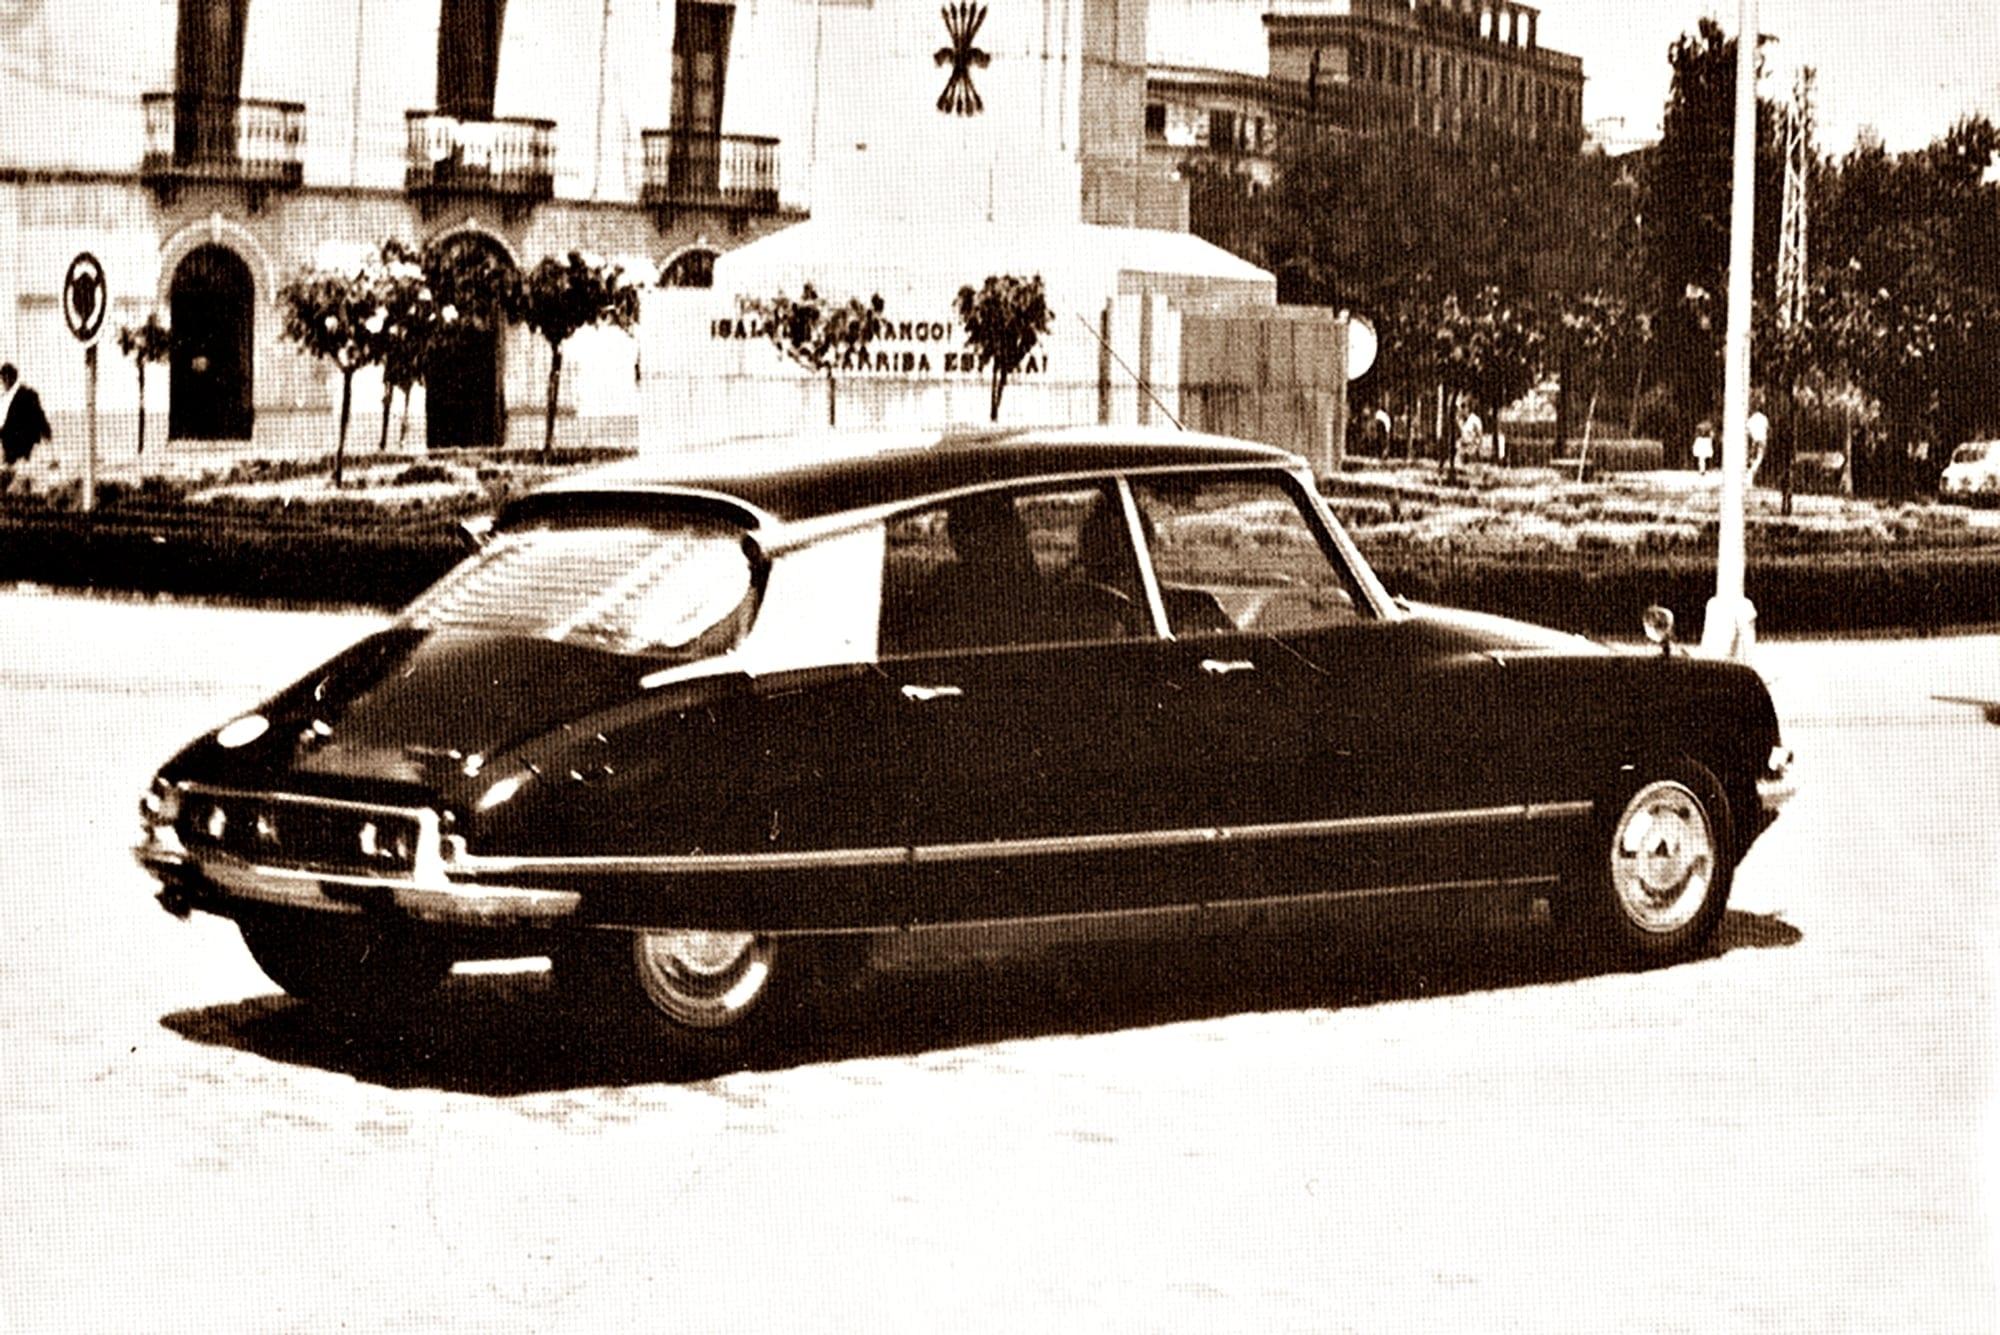 1969 - Visita del General De Gaulle